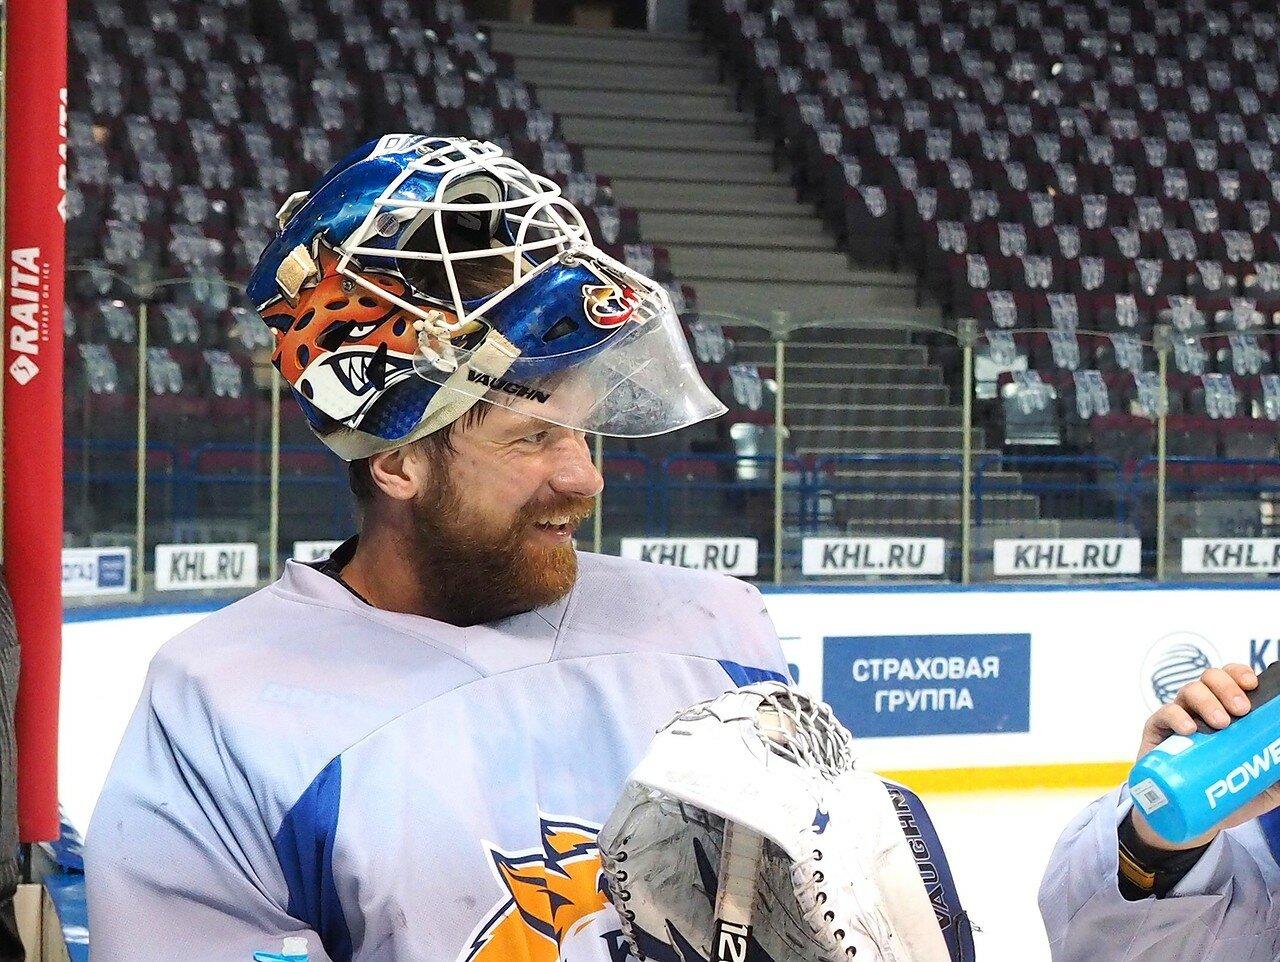 32 Открытая тренировка перед финалом плей-офф КХЛ 2017 06.04.2017